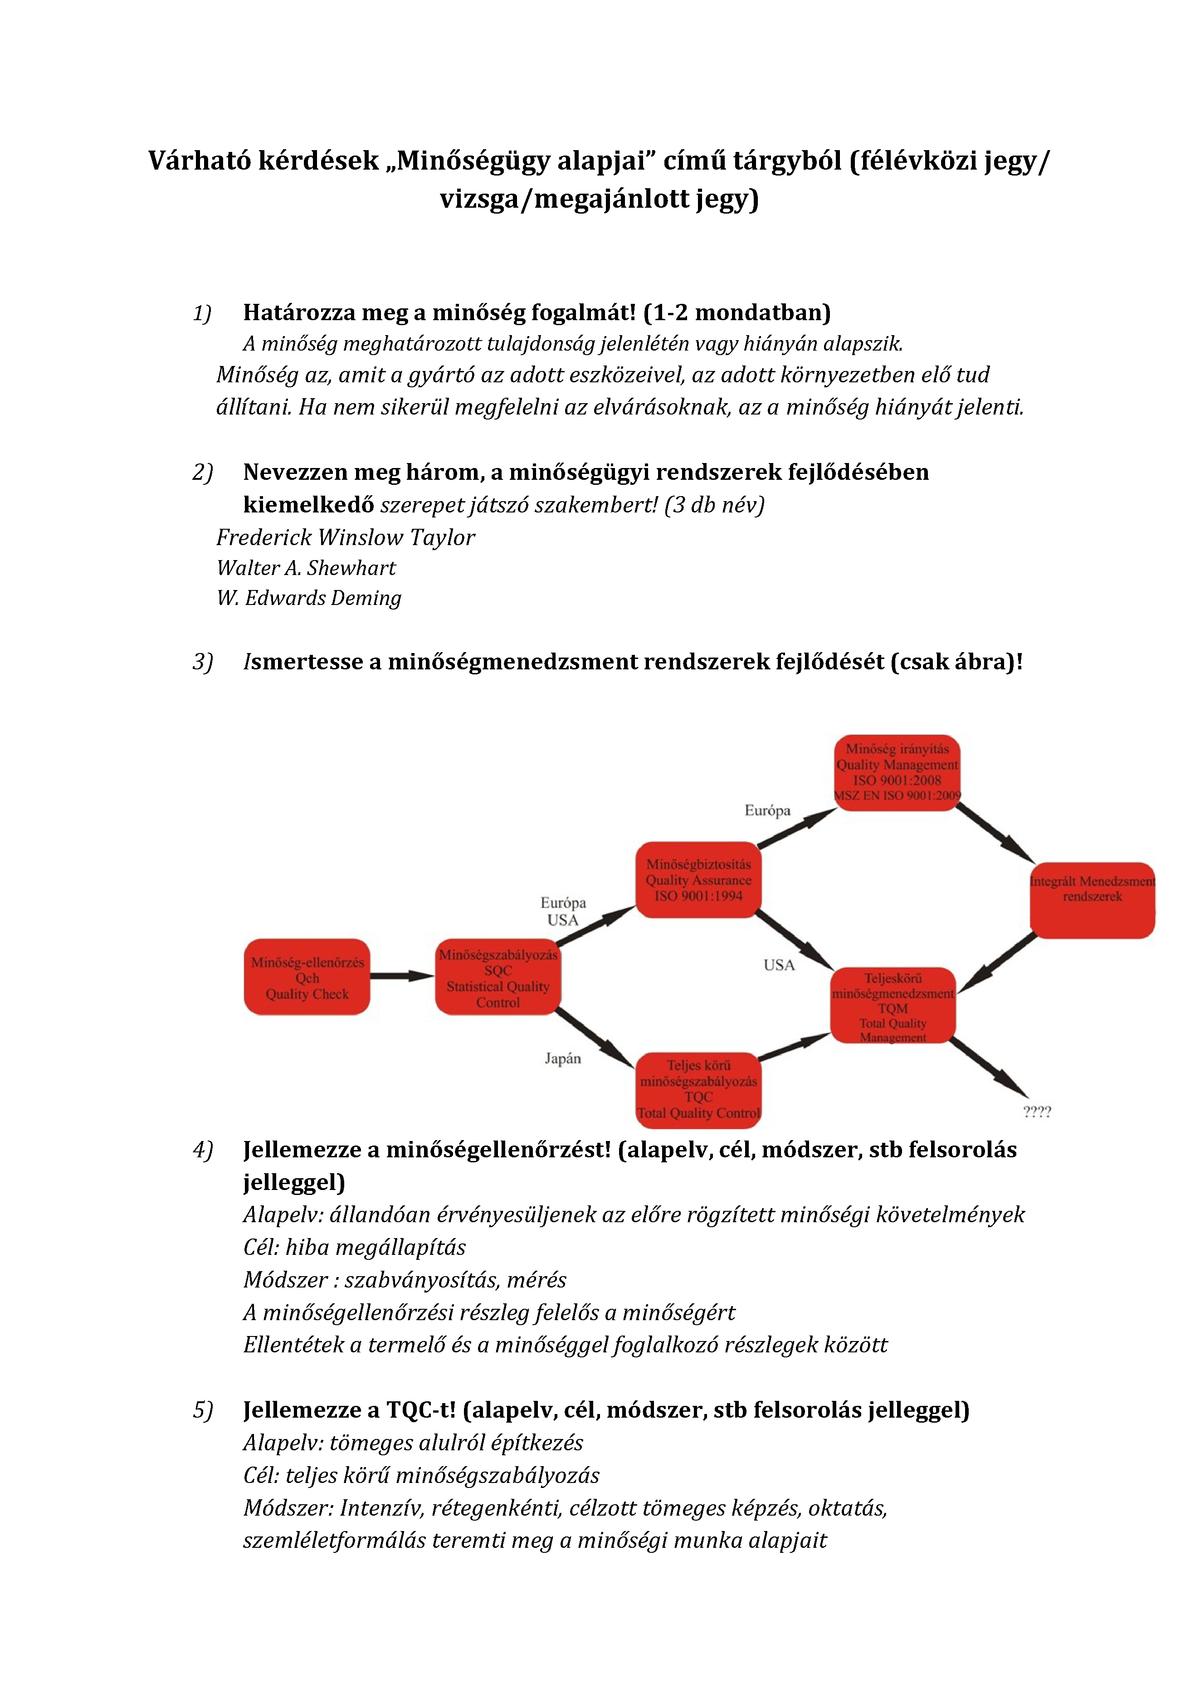 a helmint életciklus diagramja)